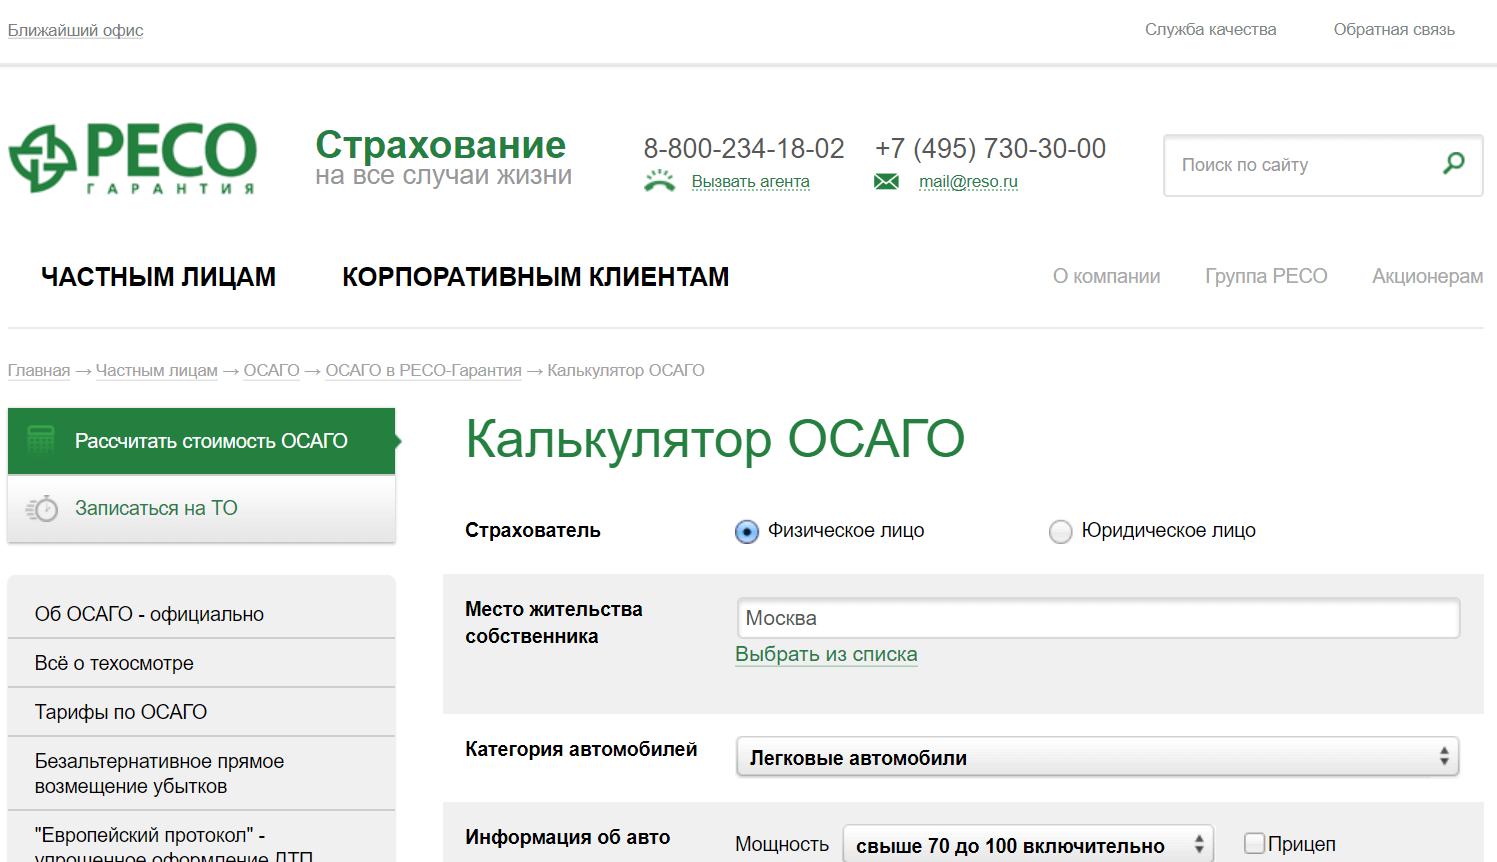 Сбербанк онлайн заявка кредитная карта